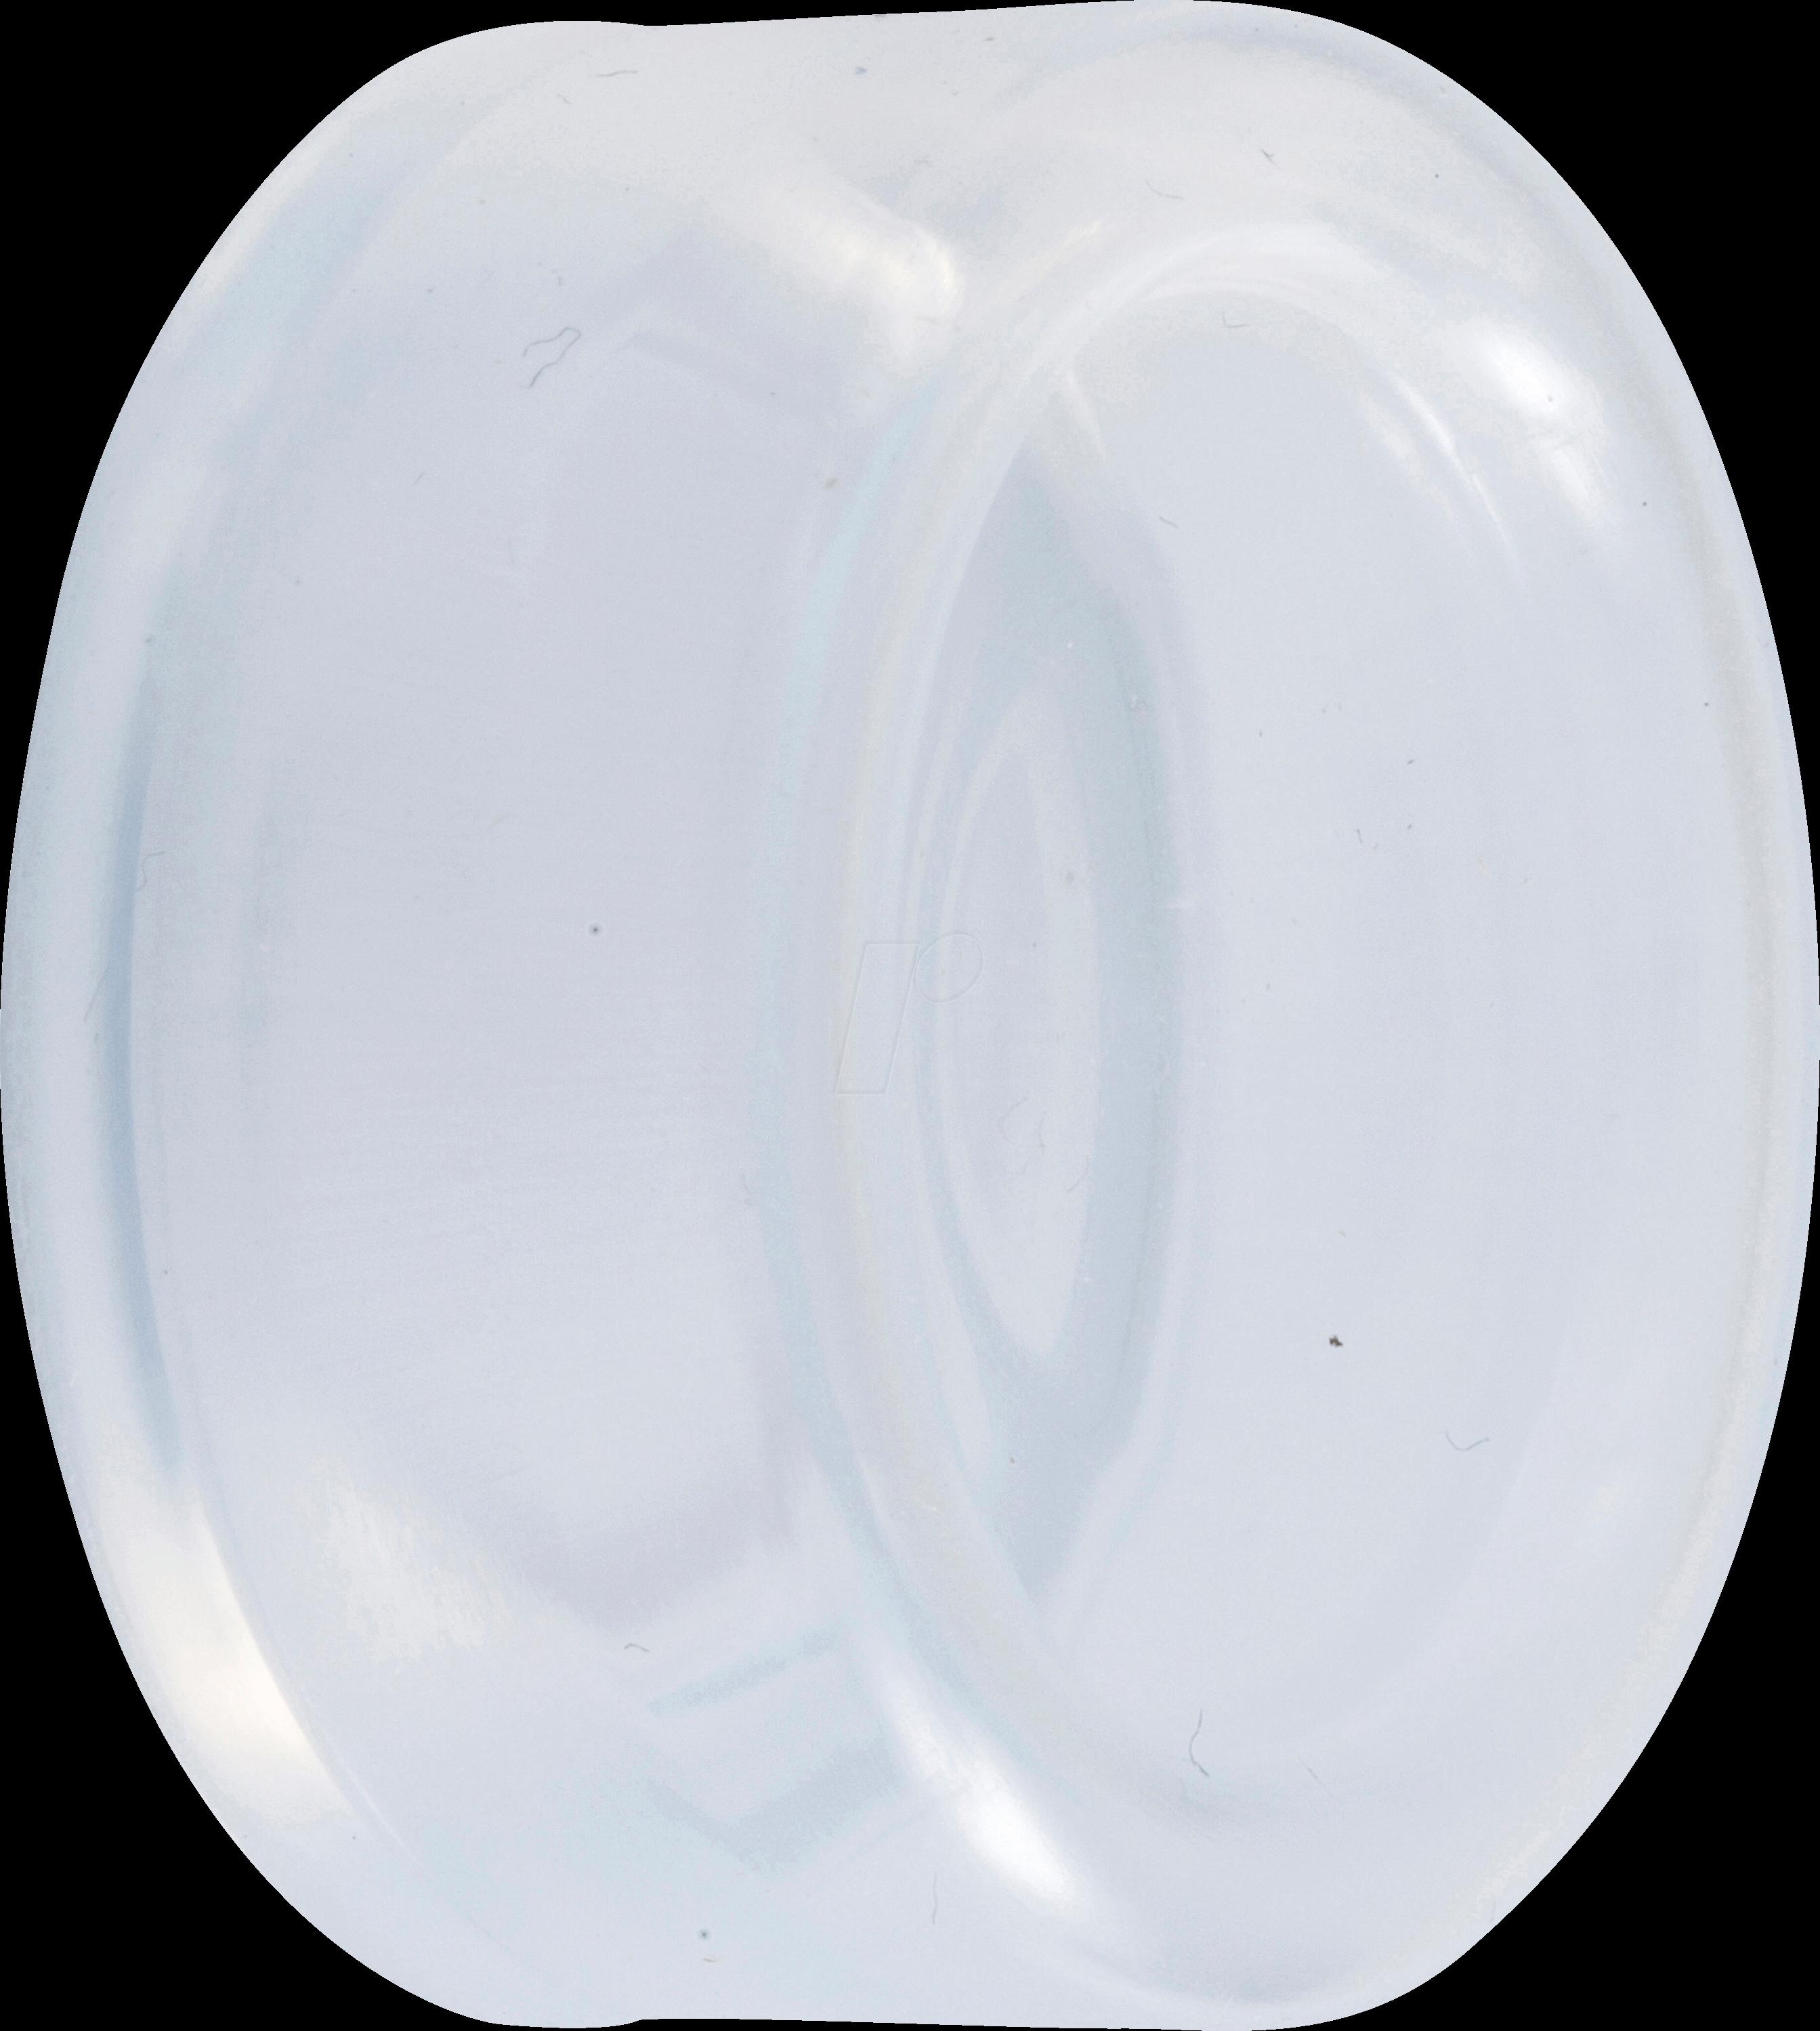 ZBPA - Schutzkappe für Drucktaster XB4, XB5, rund, flach